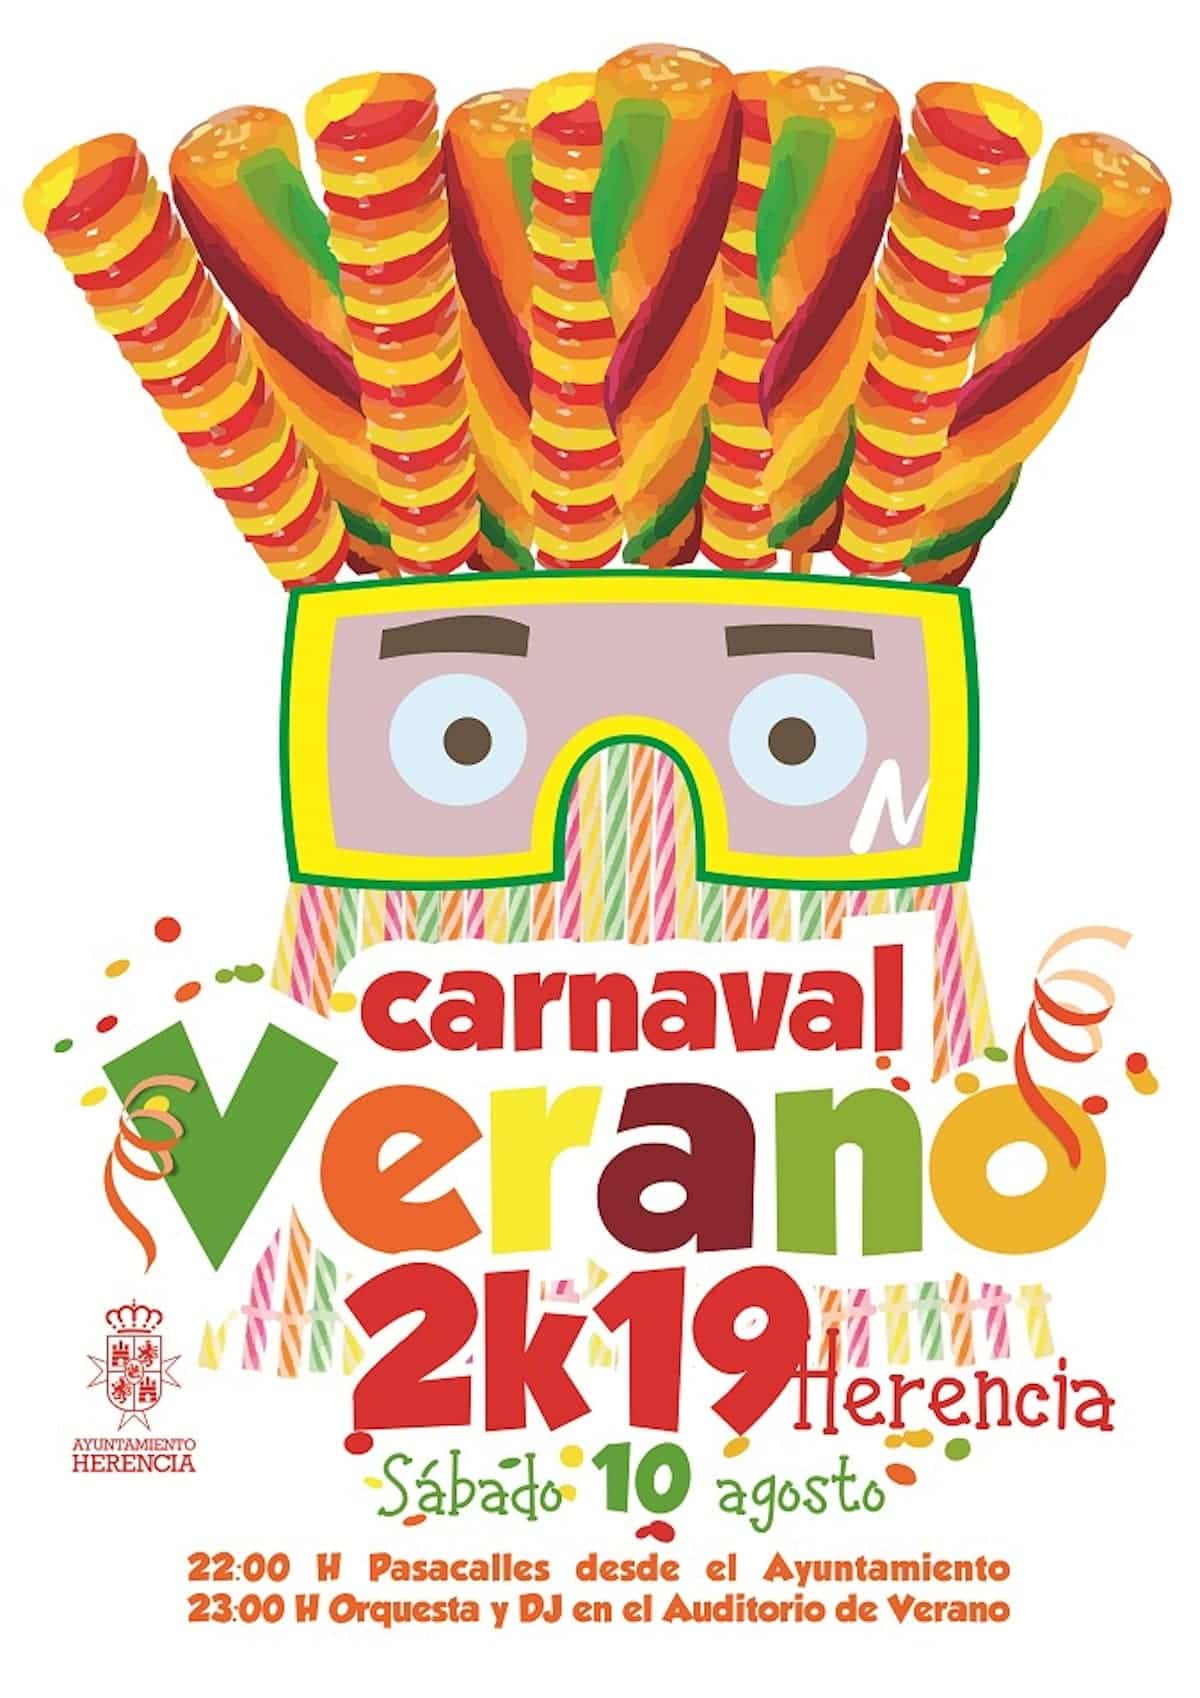 Herencia prepara el auténtico Carnaval de verano manchego 3